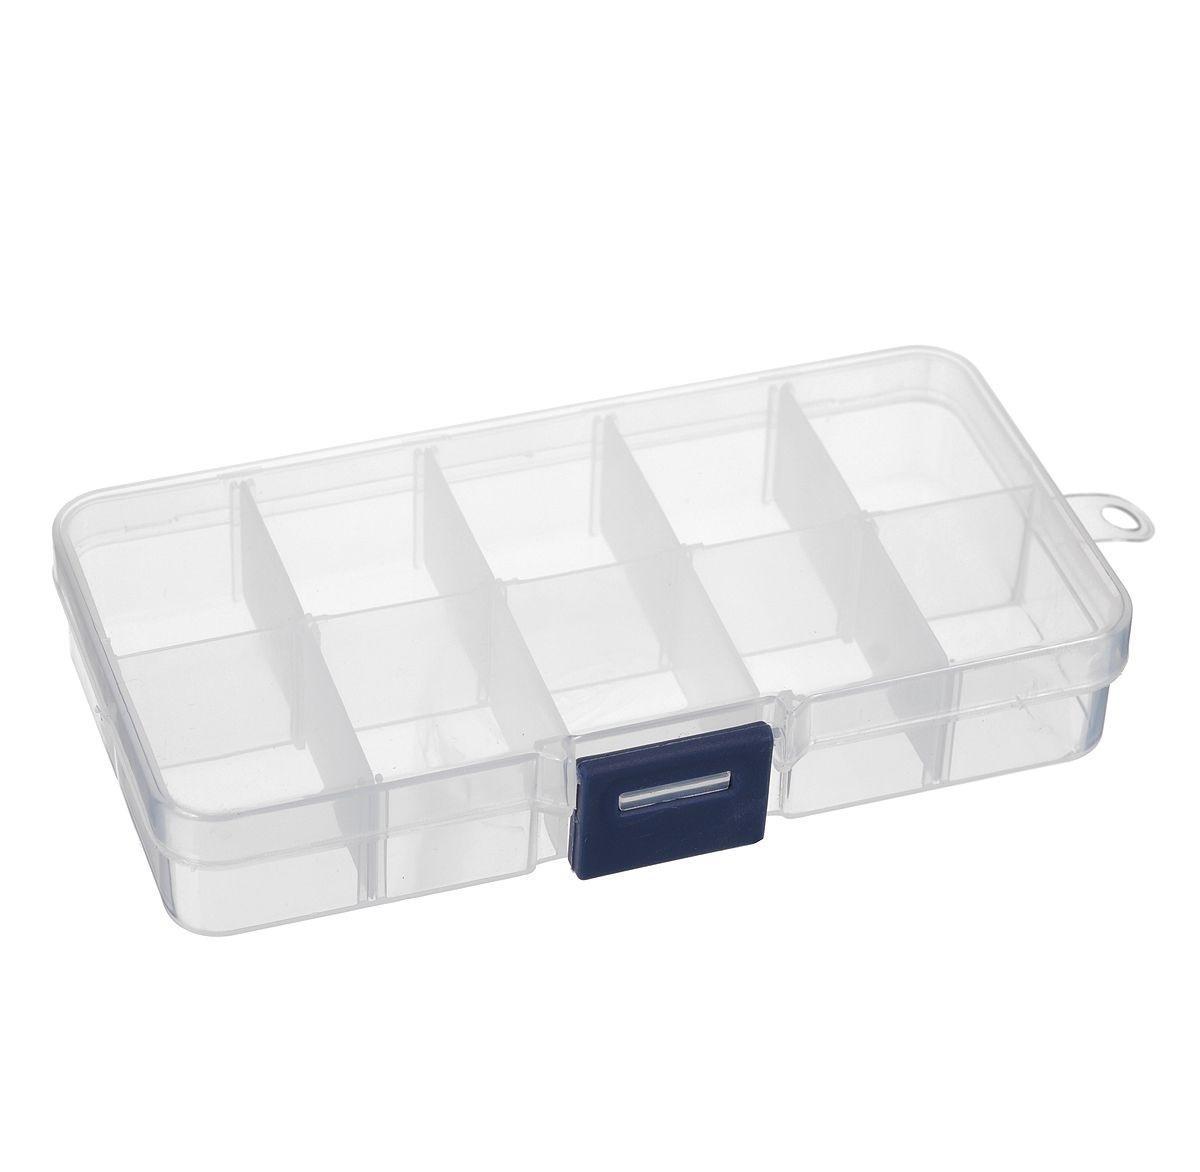 Контейнер для мелочей, 13,2 см х 6,8 см х 2,3 см. 529529Контейнер для мелочей изготовлен из прозрачного пластика, что позволяет видеть содержимое. Внутри содержится 10 ячеек (с вынимающимися перегородками) для хранения мелких принадлежностей. Крышка плотно закрывается на замок-защелку. Такой контейнер поможет держать вещи в порядке.